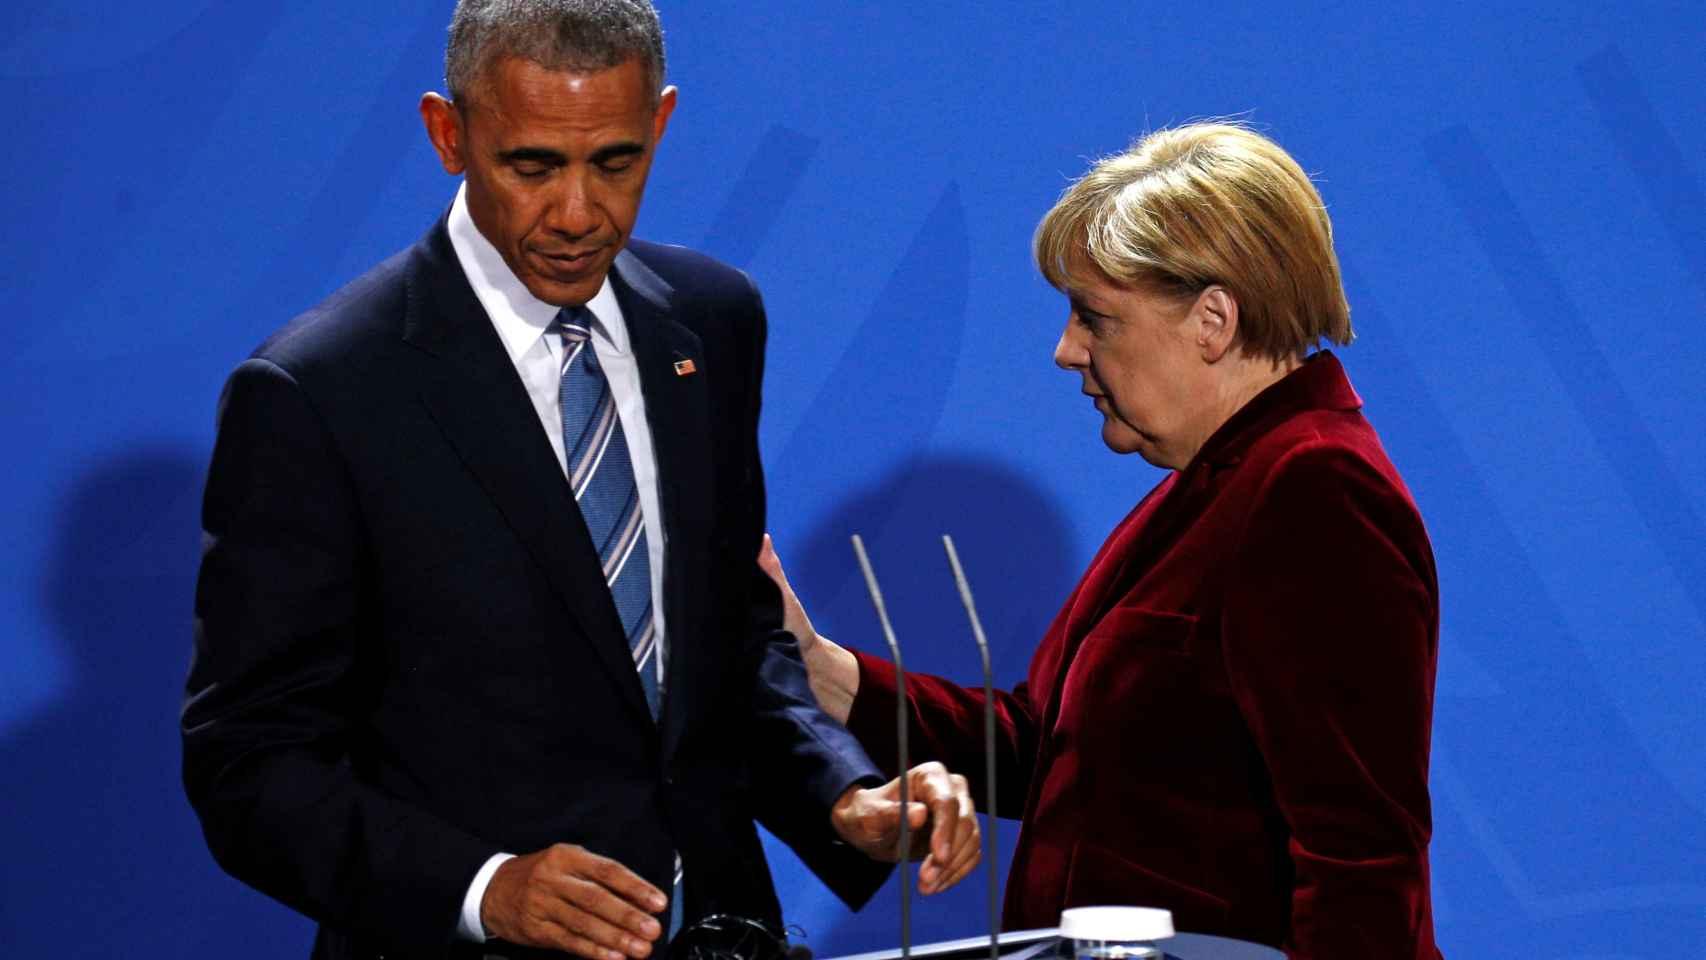 Merkel es vista como la nueva líder del mundo liberal.